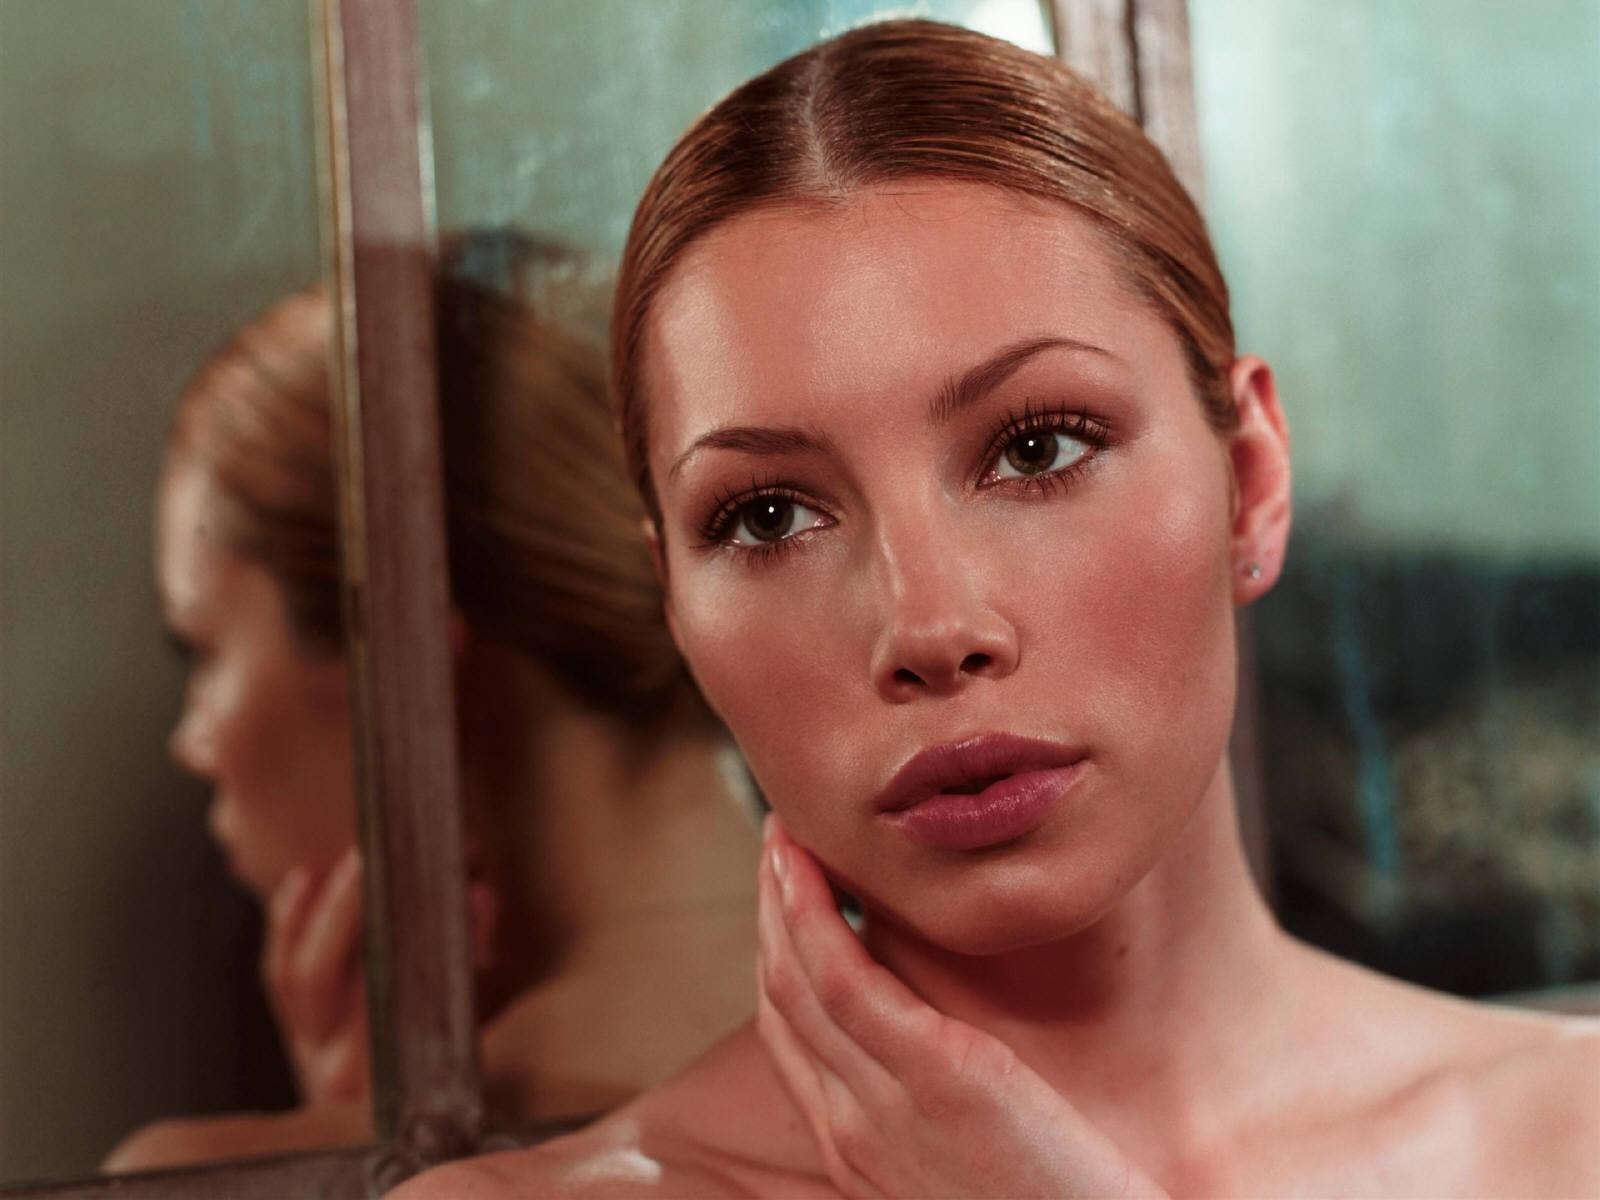 Wallpaper di Jessica Biel di fronte ad uno specchio